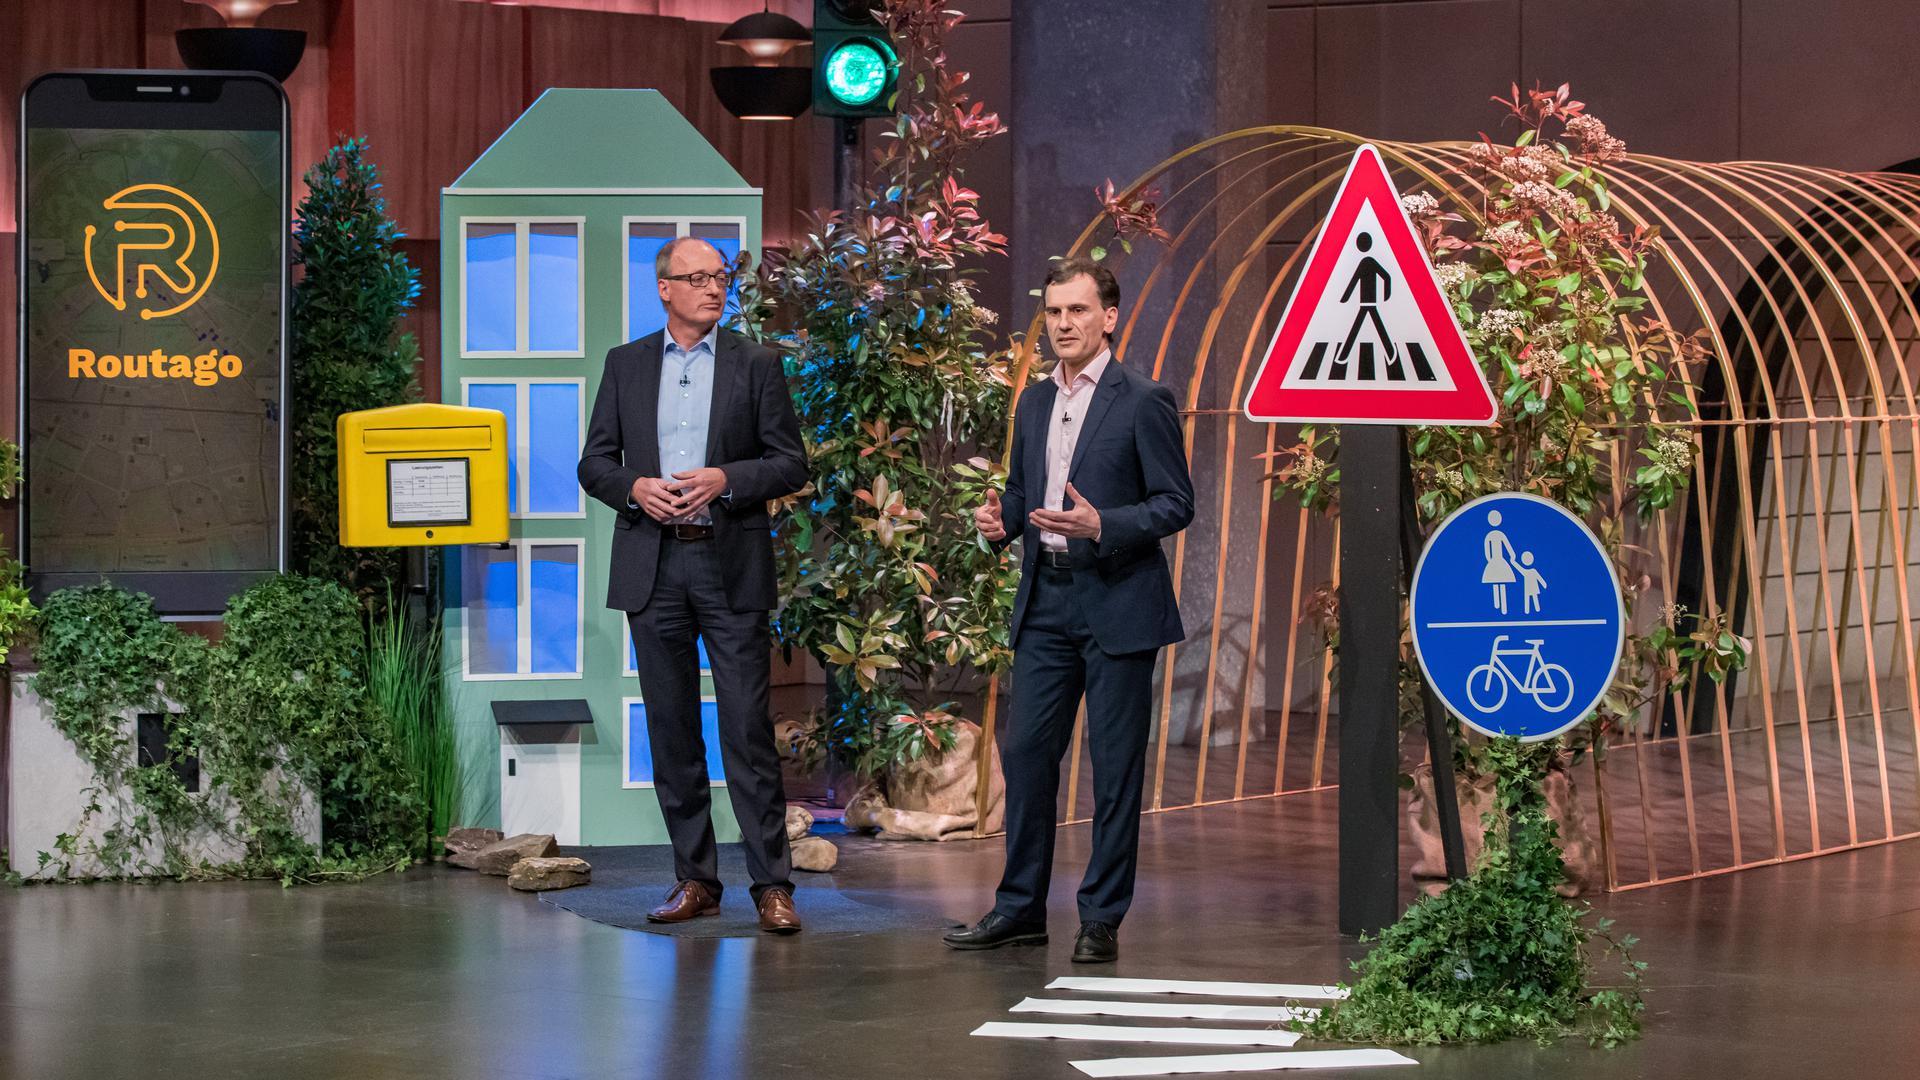 """In der """"Höhle der Löwen"""": Gerd Güldenpfennig (links) und Stefan Siebert von """"Routago""""aus Ettlingen präsentieren ihre Idee in der Fernsehshow auf Vox. Die finale Folge wird am 7. Juni ausgestrahlt."""